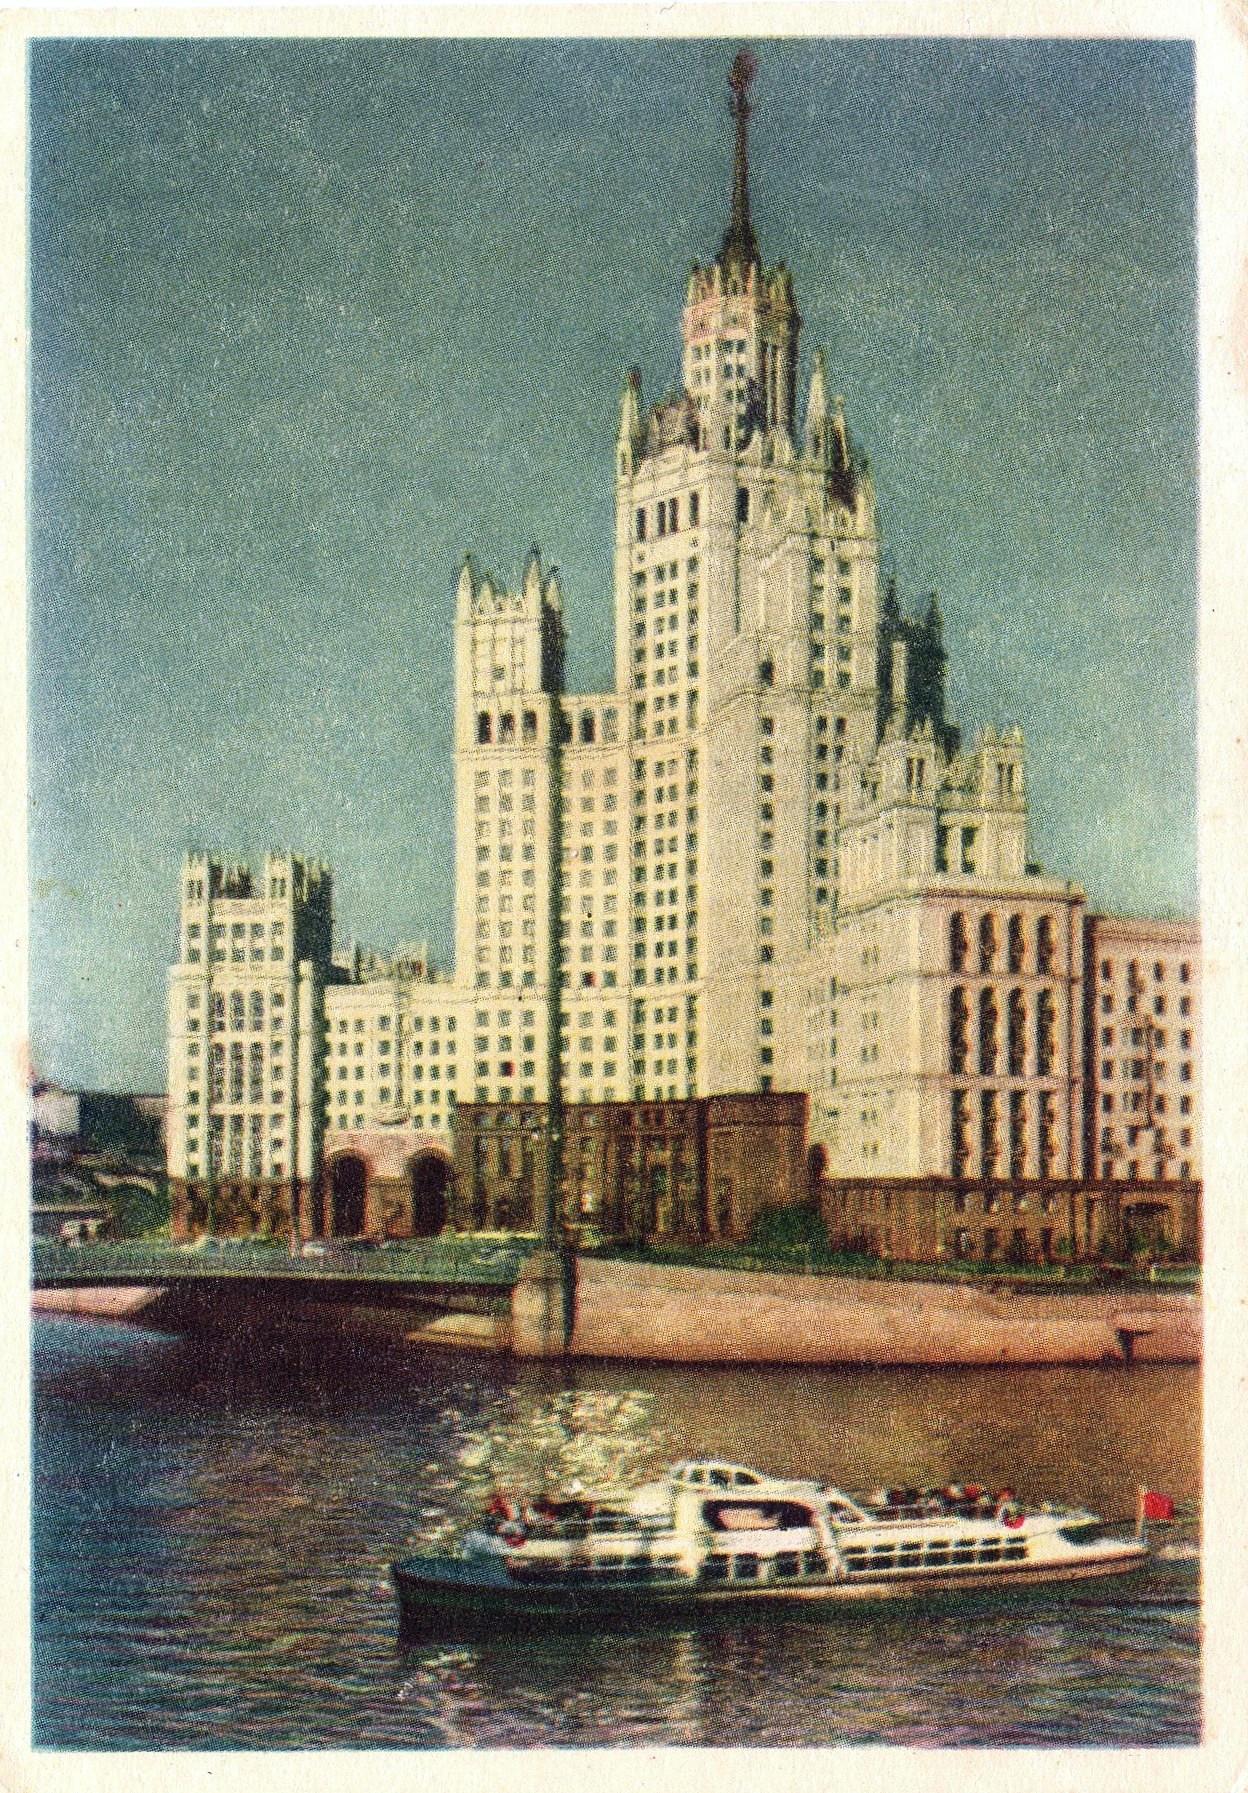 ZAVODFOTO / История городов России в фотографиях: Москва в 1950-х